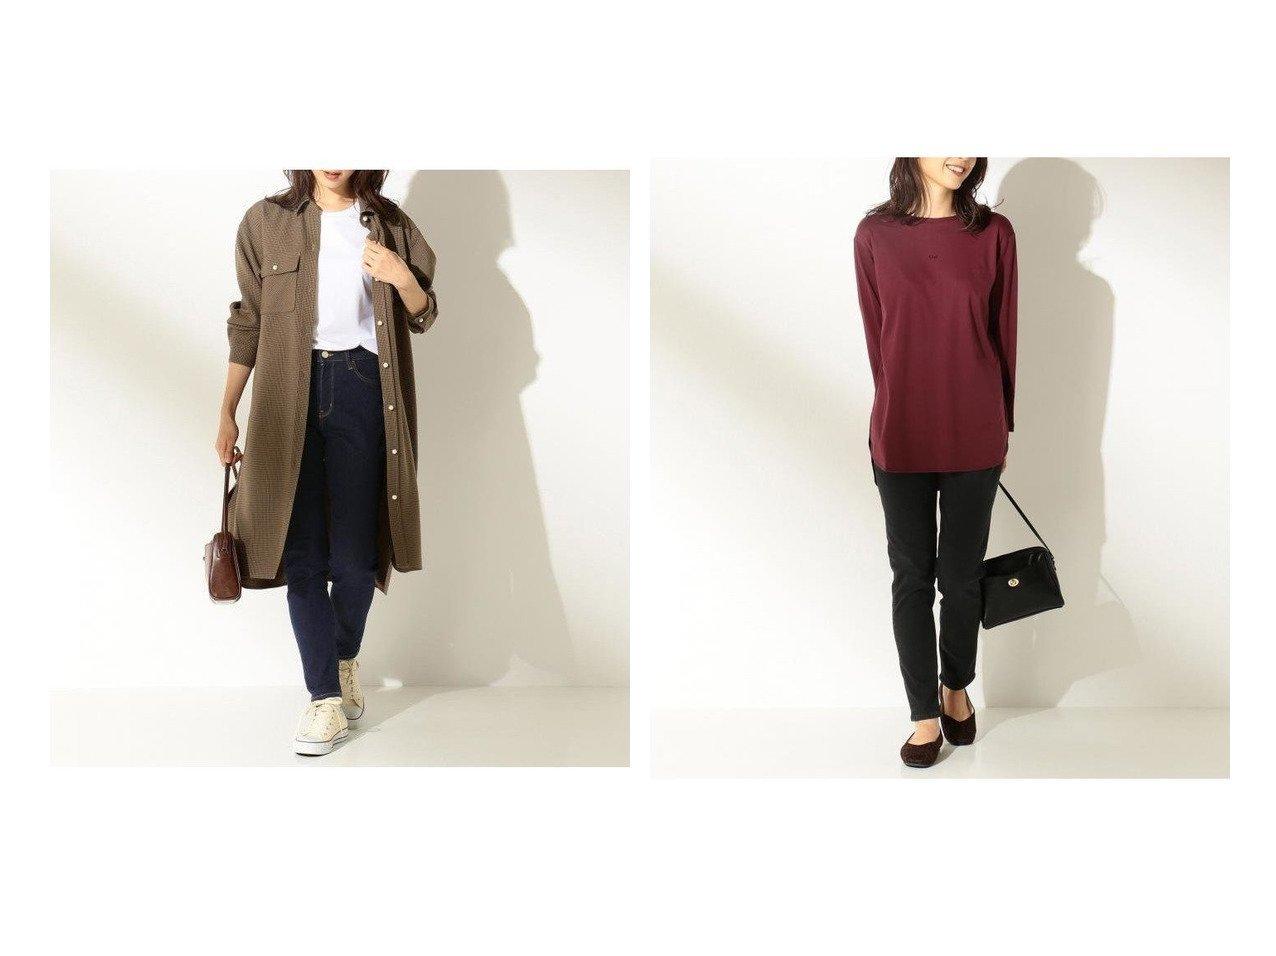 【anyFAM/エニィファム】の【ベストセラー】STYLE UP SKINNY デニムパンツ パンツのおすすめ!人気トレンド・レディースファッションの通販 おすすめで人気の流行・トレンド、ファッションの通販商品 メンズファッション・キッズファッション・インテリア・家具・レディースファッション・服の通販 founy(ファニー) https://founy.com/ ファッション Fashion レディースファッション WOMEN アウター Coat Outerwear パンツ Pants デニムパンツ Denim Pants スキニー ストレッチ デニム ポケット 再入荷 Restock/Back in Stock/Re Arrival  ID:crp329100000020423